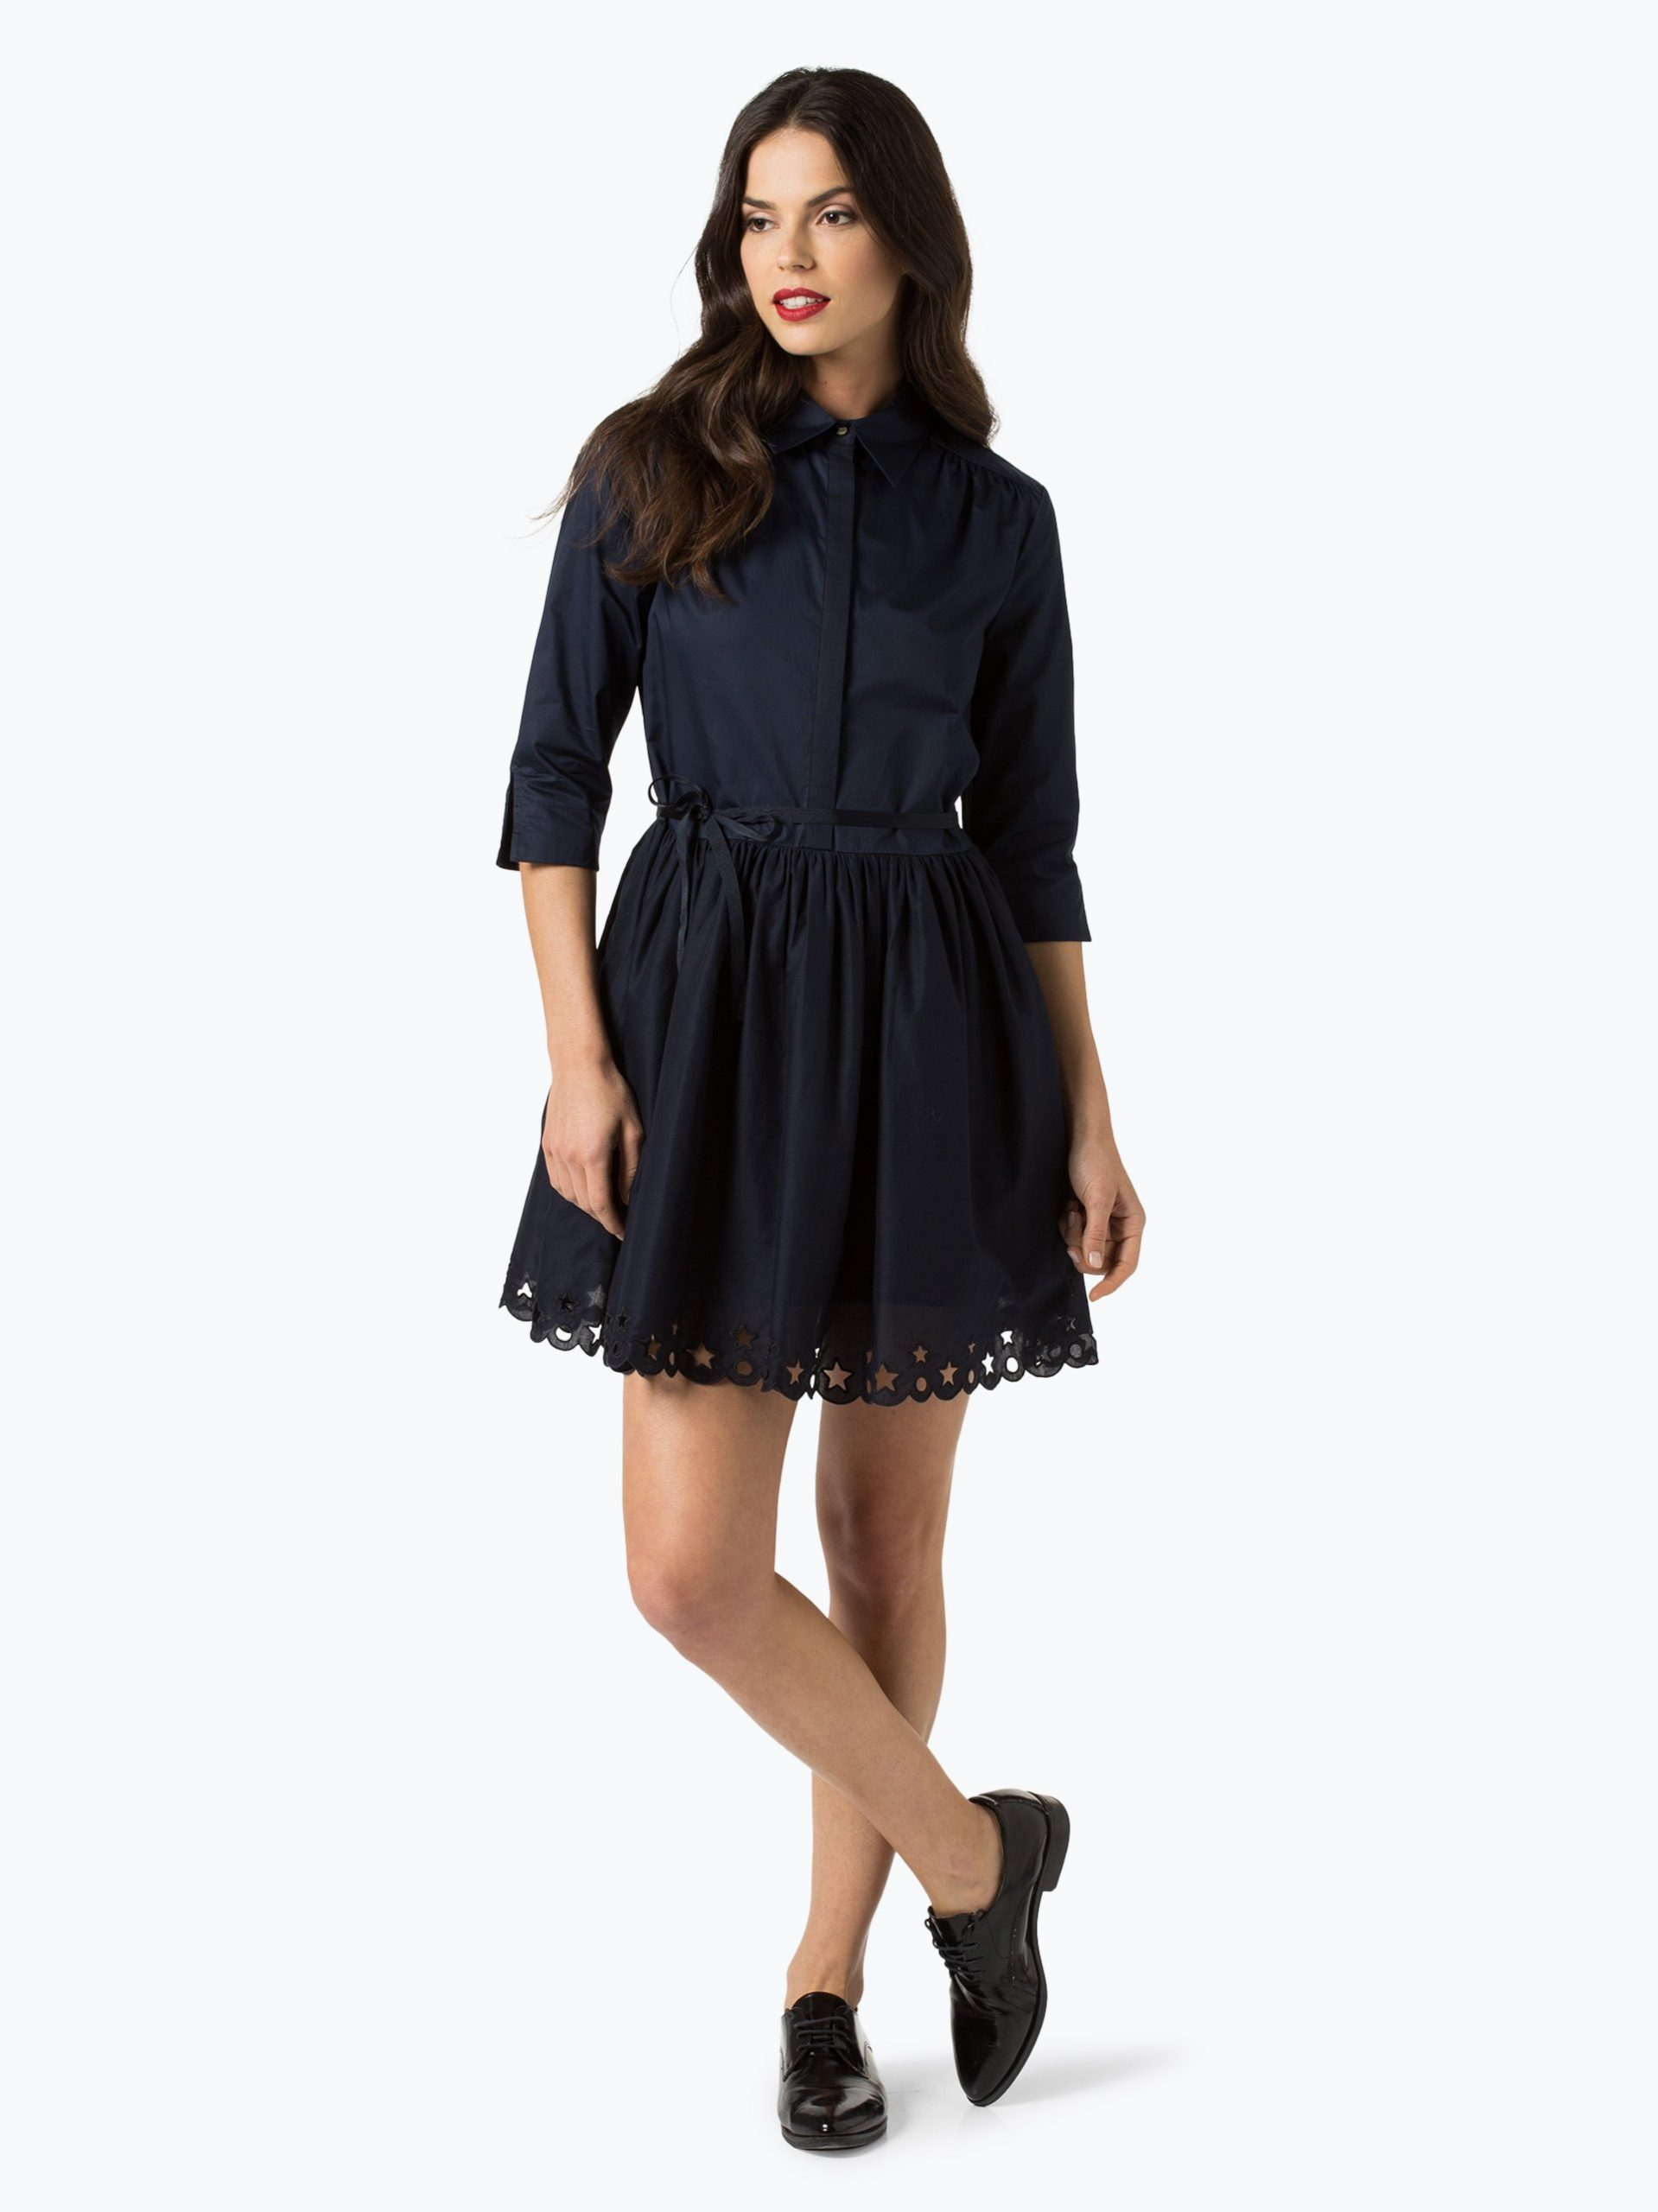 Tommy Hilfiger Damen Kleid Online Kaufen  Peekund